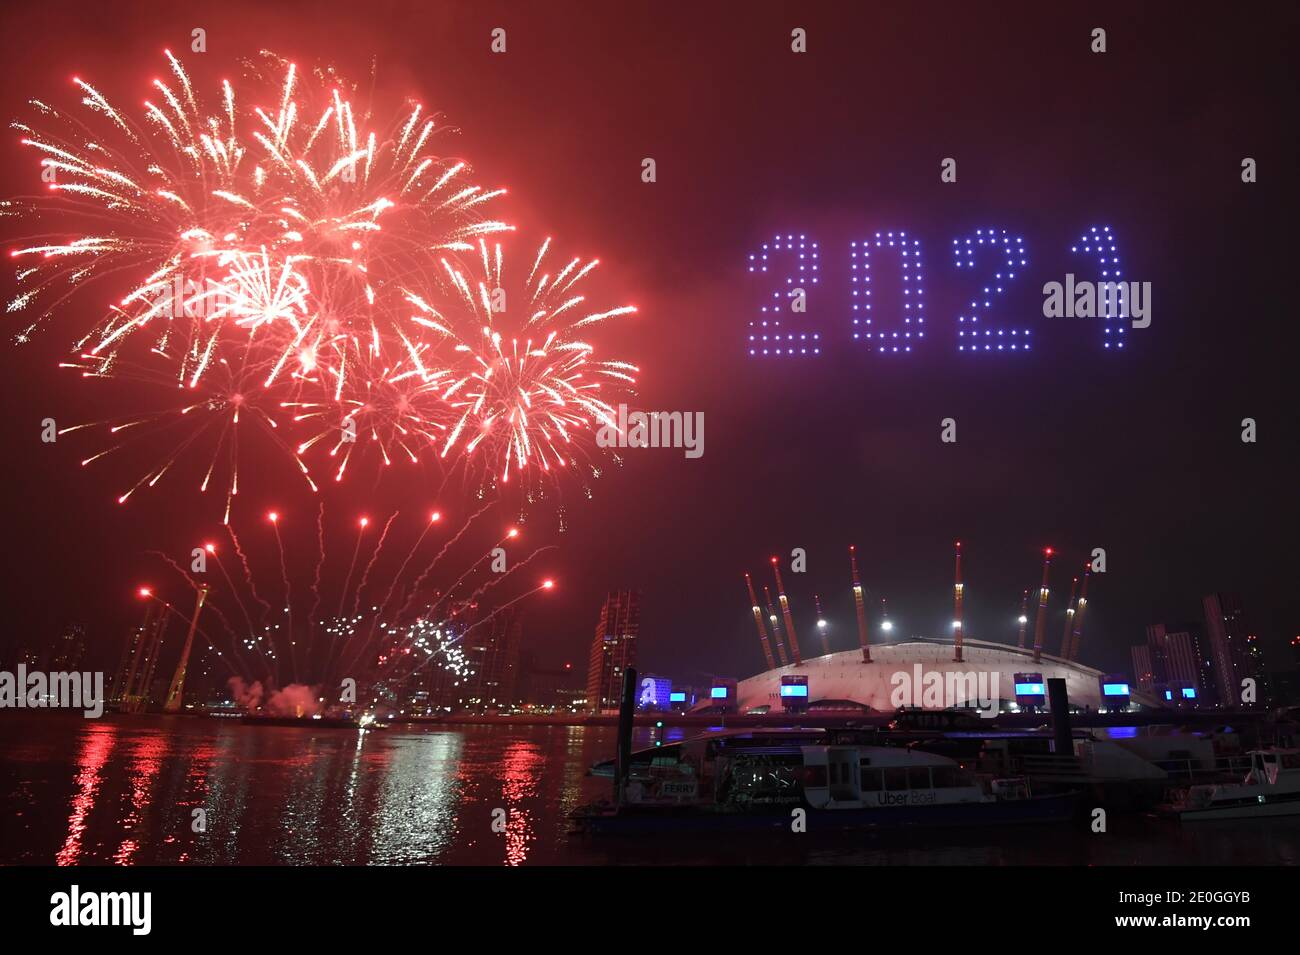 Feuerwerke und Drohnen beleuchten den Nachthimmel über dem O2 in London, da sie ein Lichtspektakel bilden, da Londons normales Silvesterfeuerwerk wegen der Coronavirus-Pandemie abgesagt wurde. Stockfoto